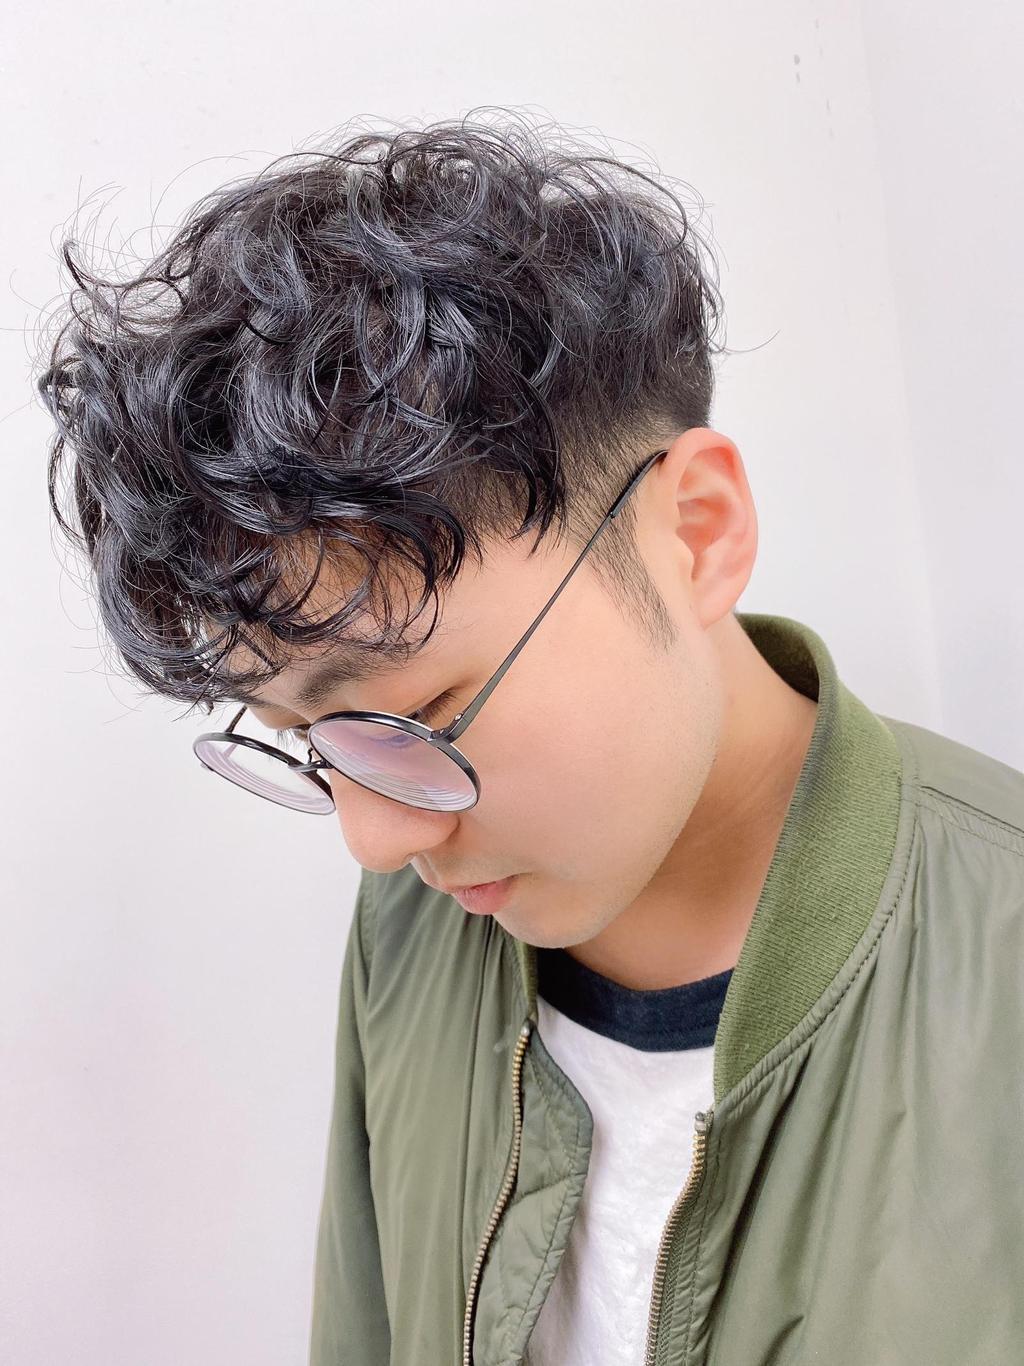 微亂的QQ卷度、帶點日系濕潤感呈現出文青潮男的風格